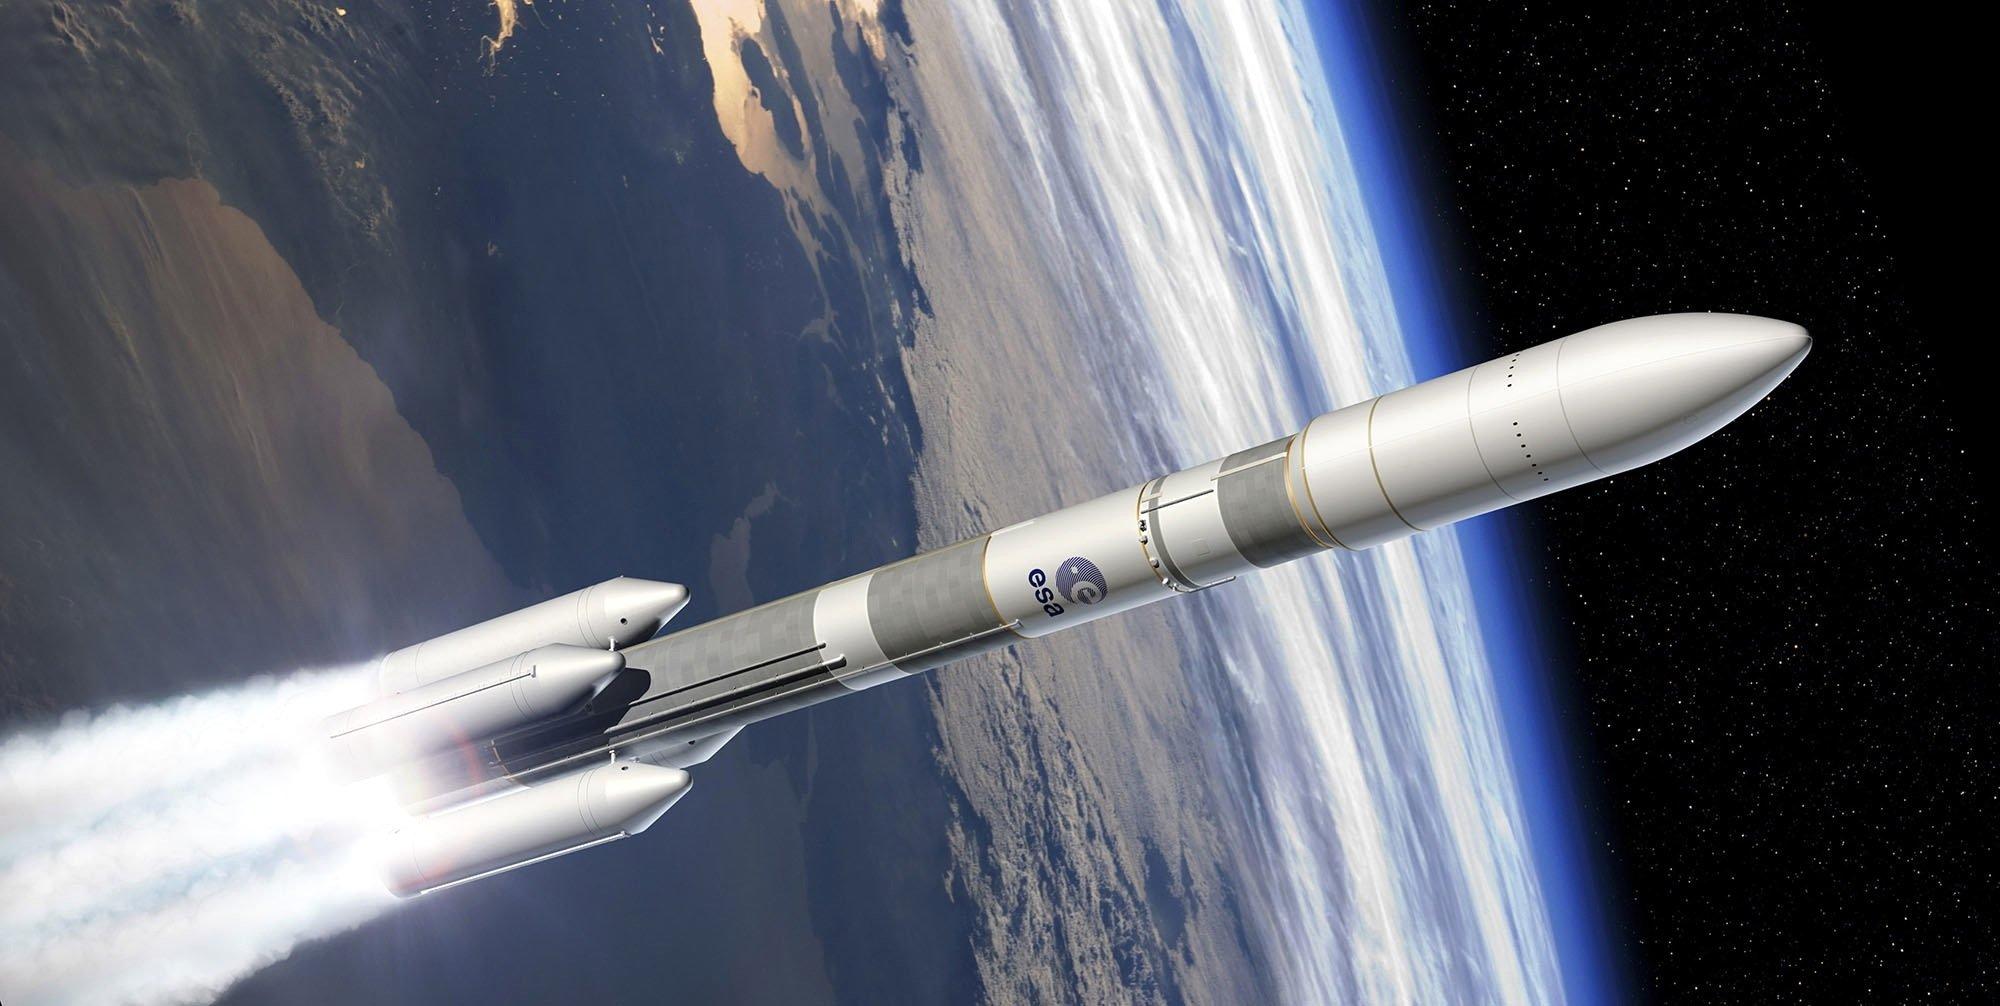 Modell einer Ariane 6 im Orbit: Airbus prüft Konzepte, die Raketenspitze dauerhaft in einer Erdumlaufbahn zu parken. Von dort aus soll diese dann Satelliten in die richtige Position bringen.